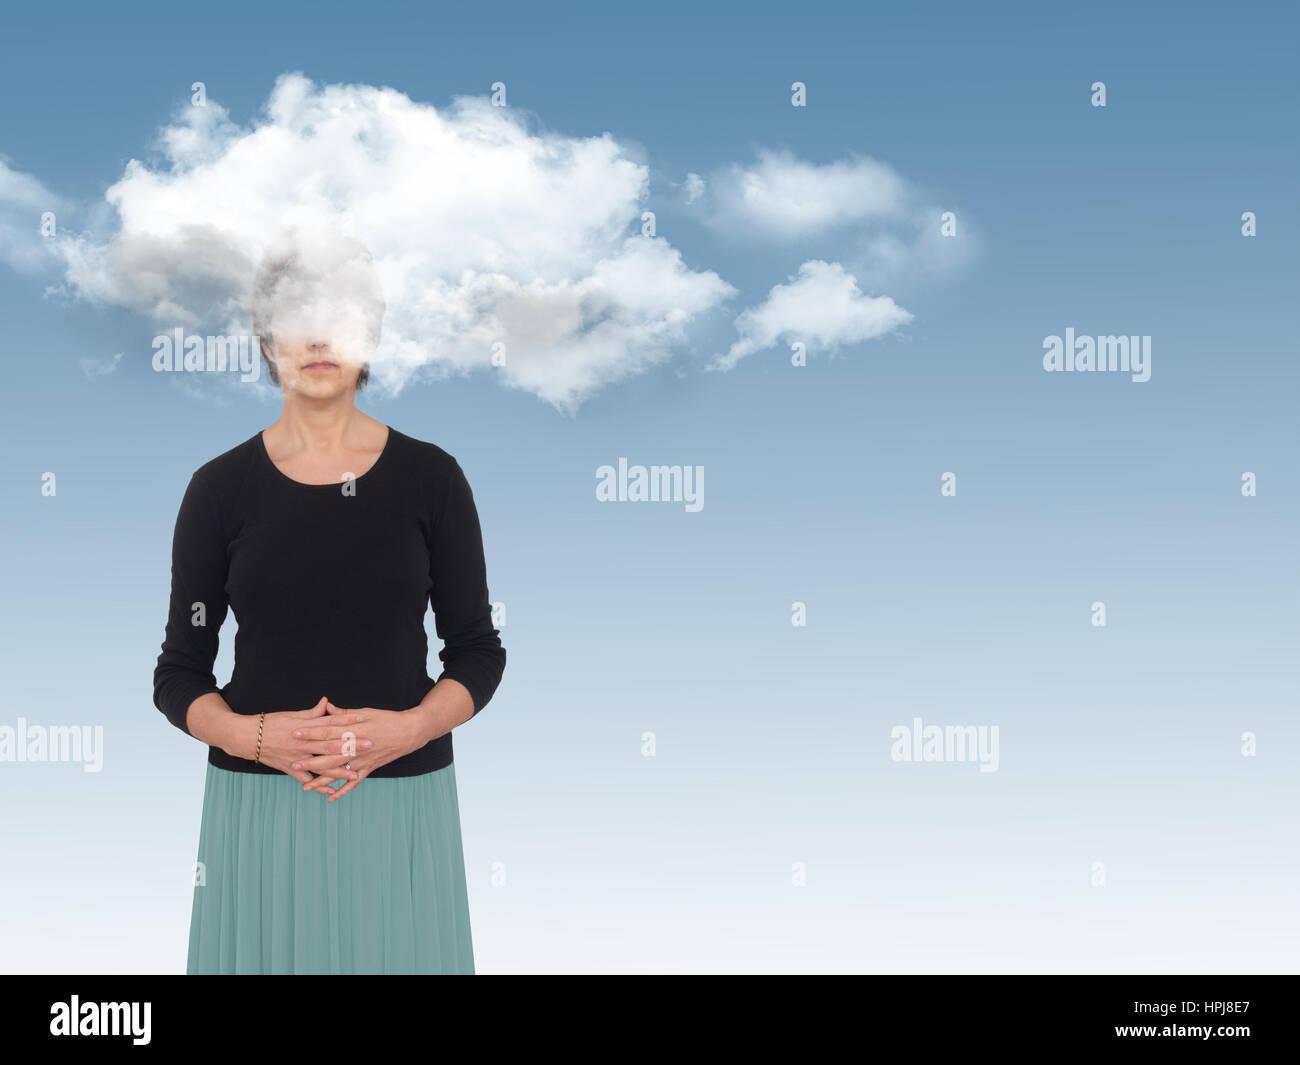 Donna con la testa nelle nuvole sul blu. Giorno sogni concetto, metafora. Immagini Stock